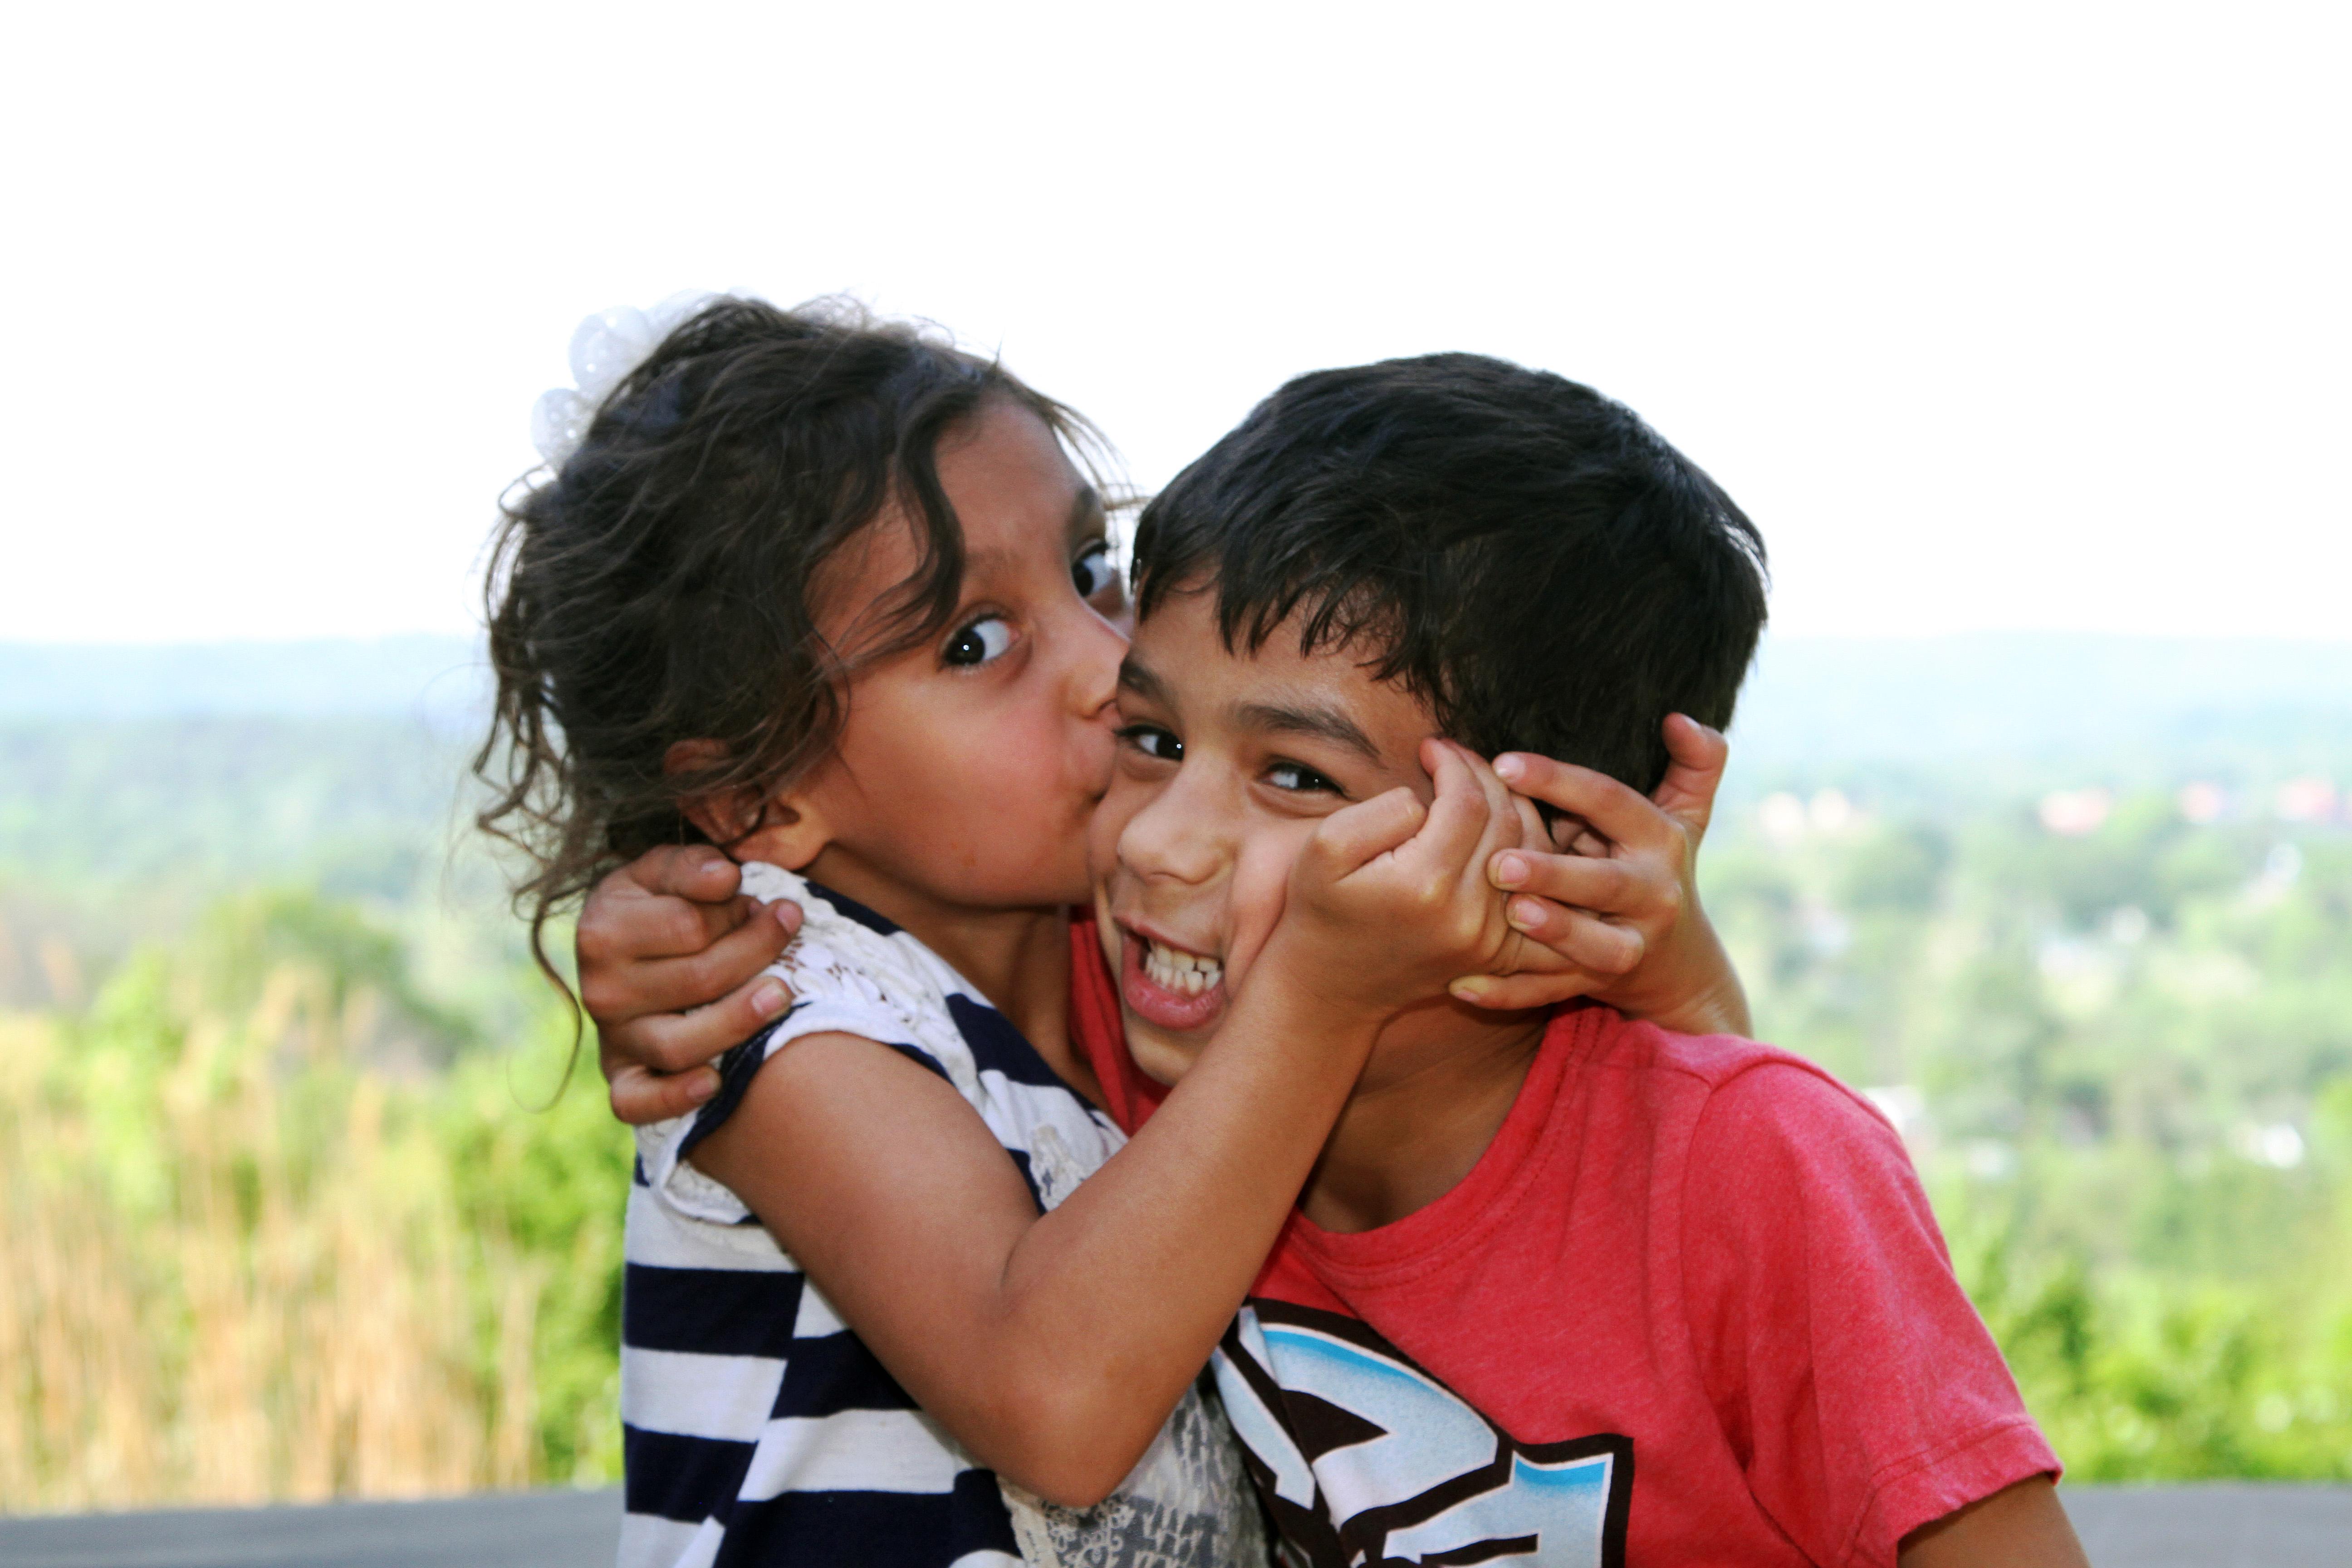 siblings_happy_kissing